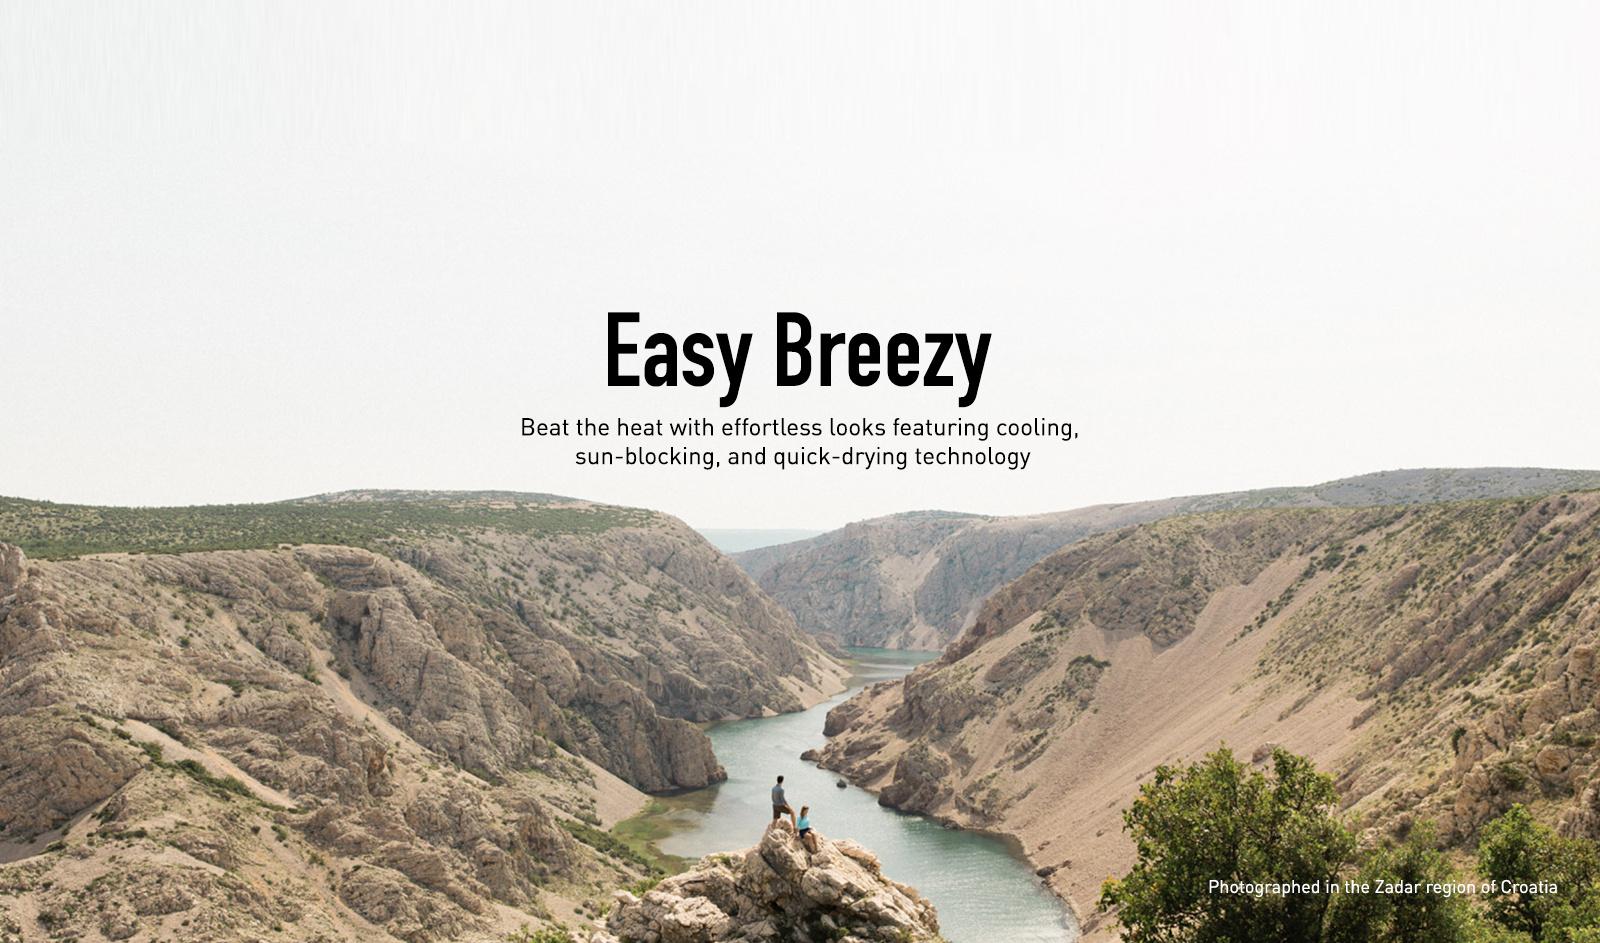 Easy Breezy